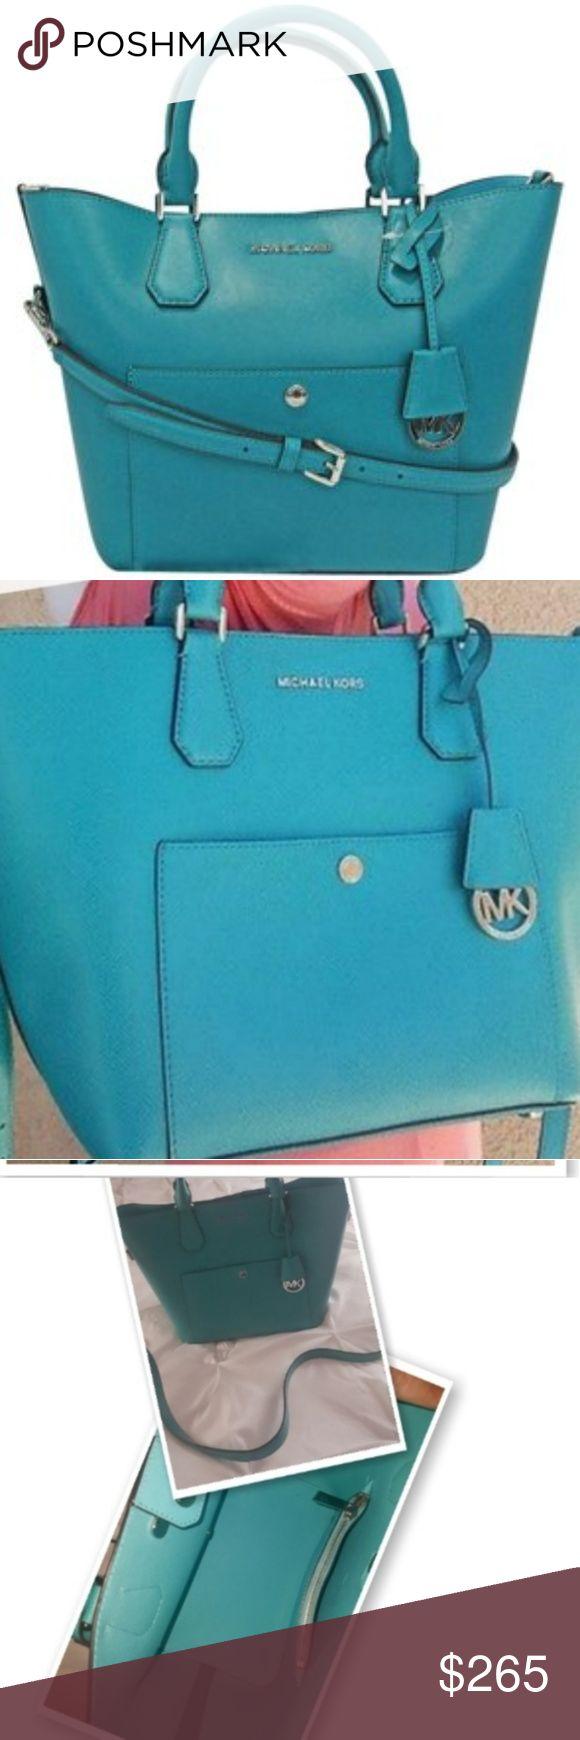 Michael Kors 👜No Trades Selling Towards A New Set 👜Authentic EUC 👜Large Greenwich 👜Teal/Aqua Color 👜No Dustbag Michael Kors Bags Satchels